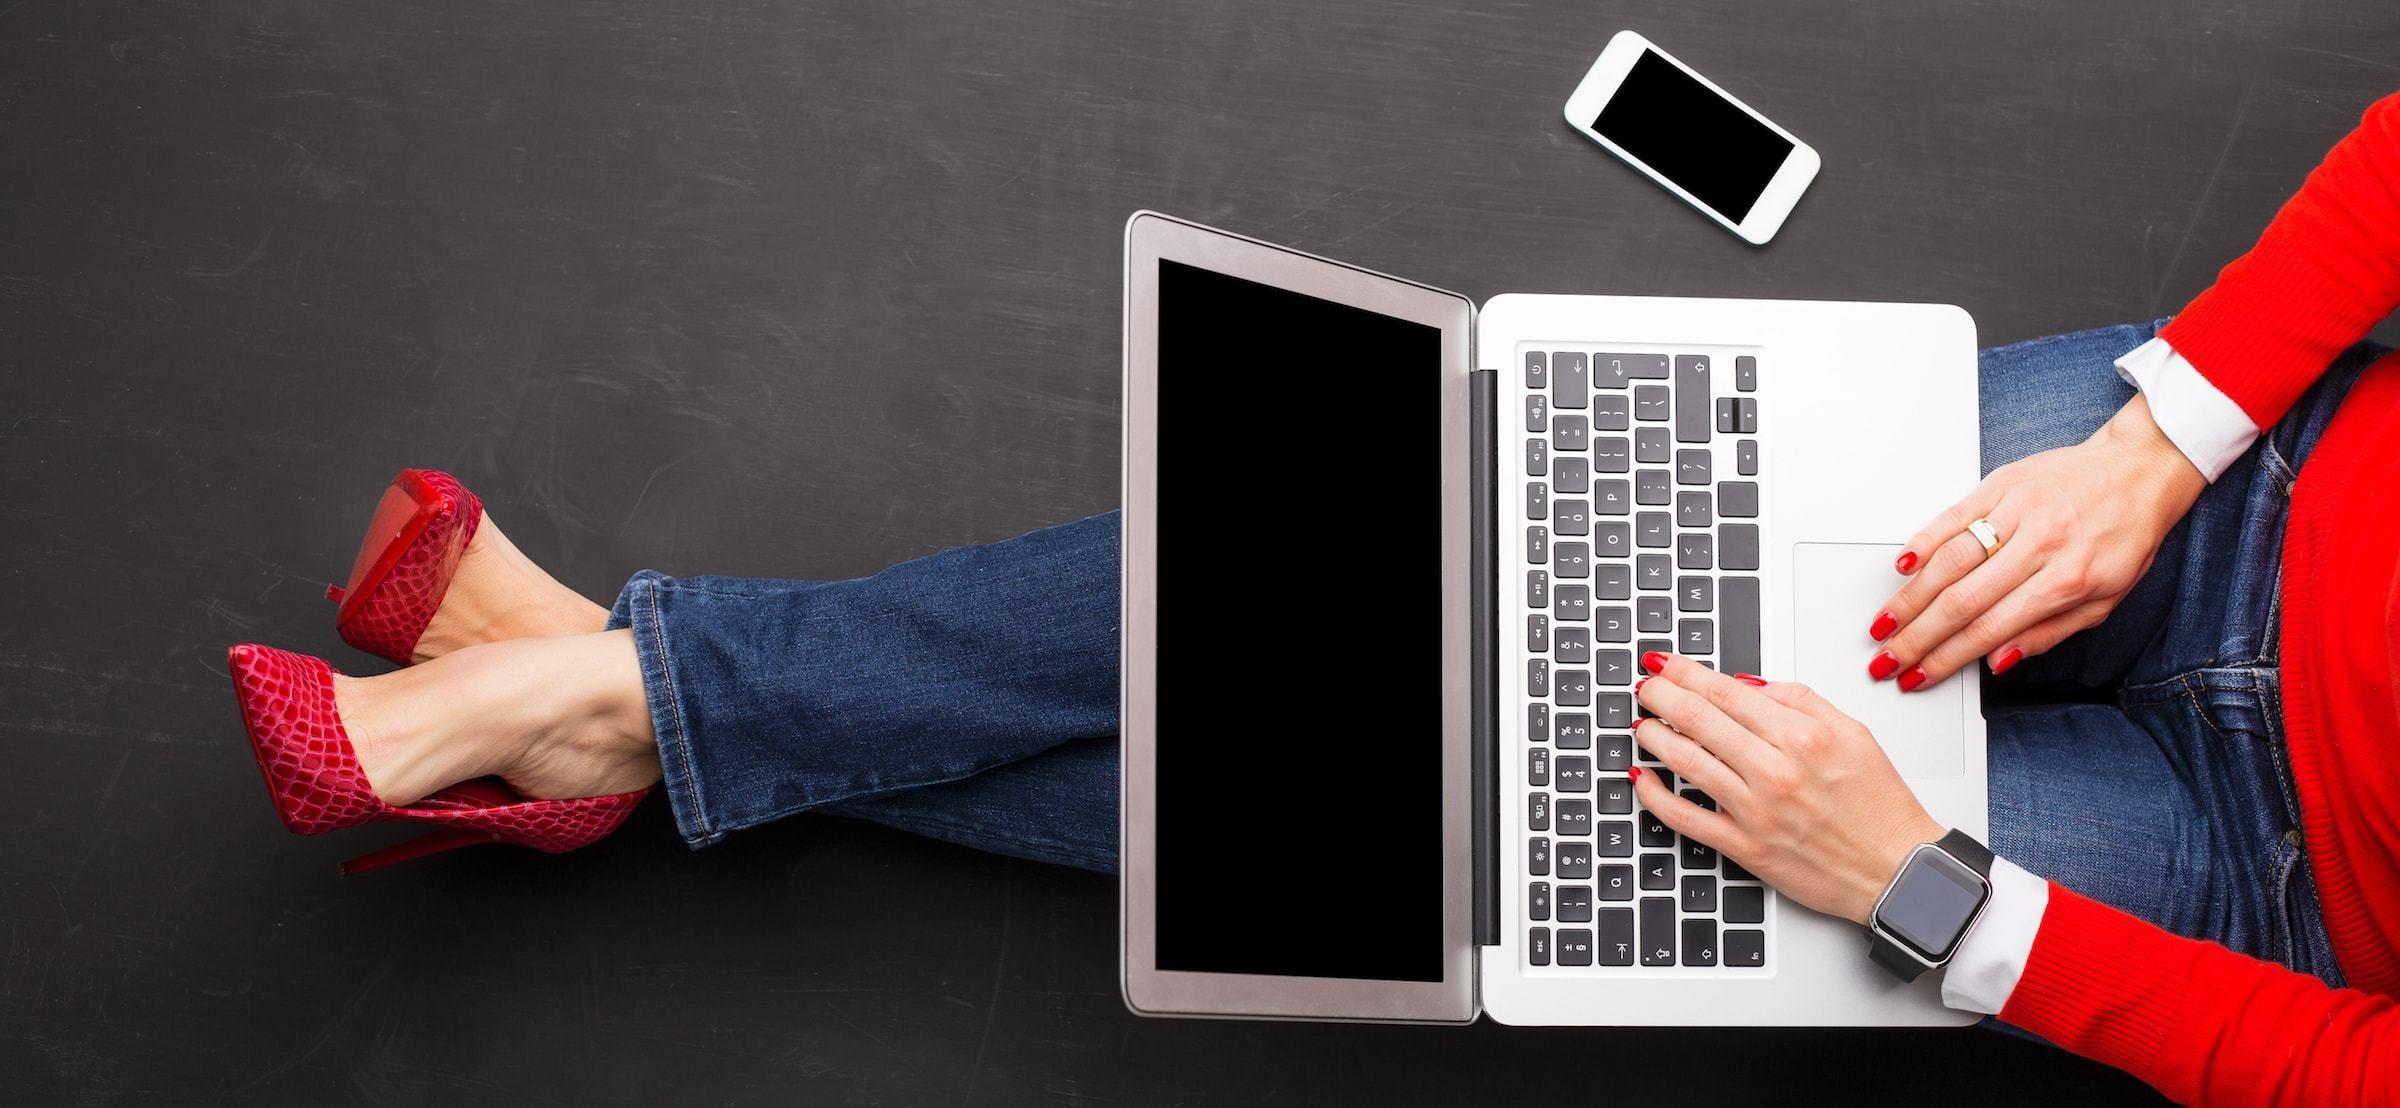 Register For The Free WordPress Training For Women